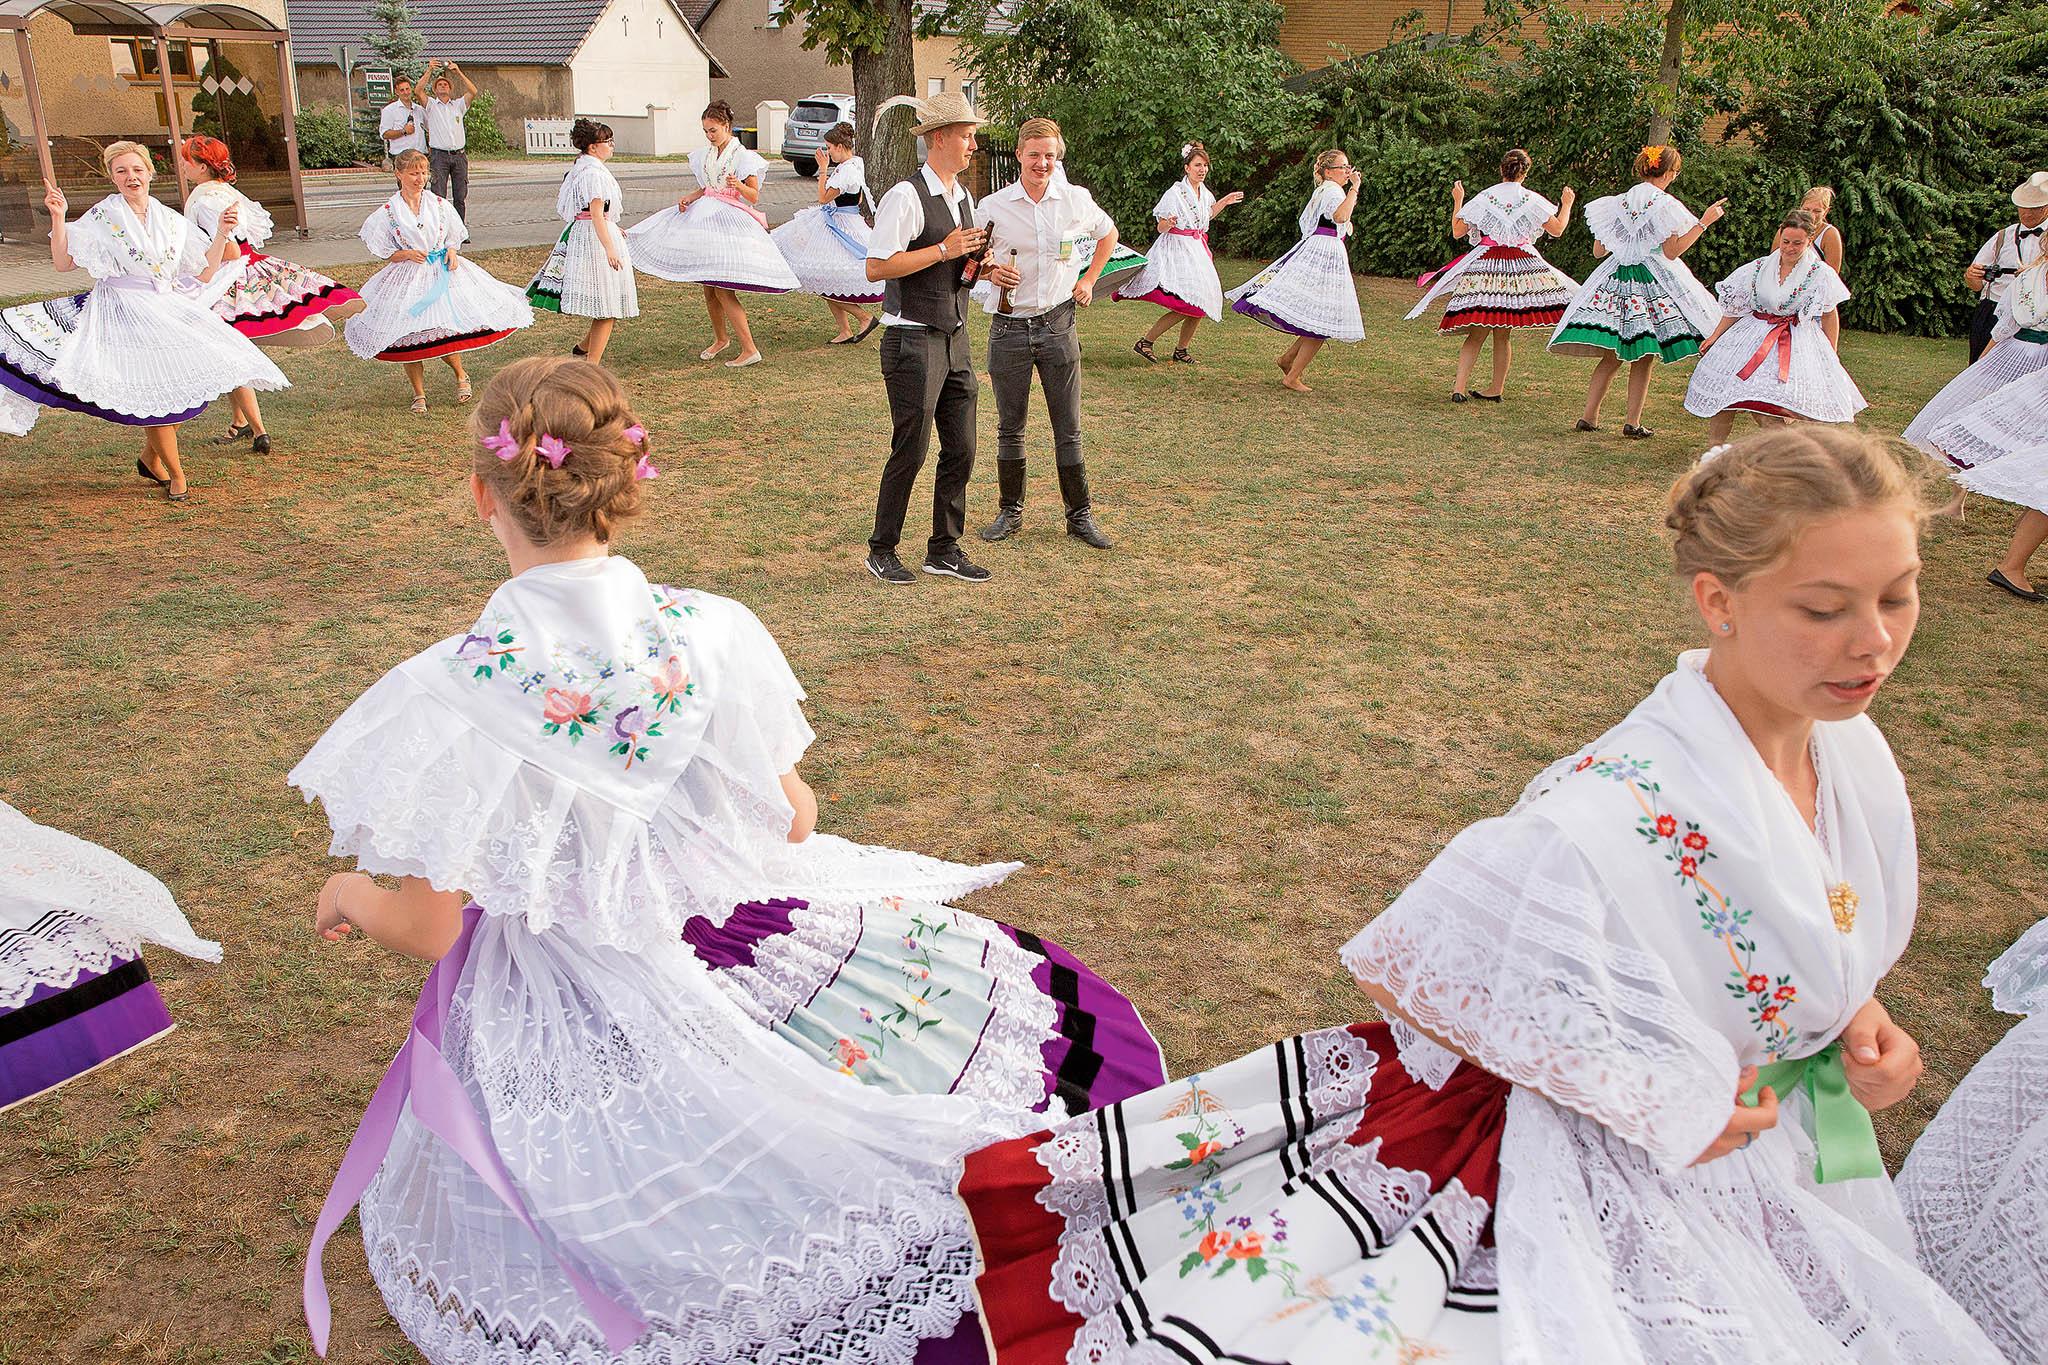 Dívky tančí vdolnolužické obci Tauer. VDolní Lužici mají jiné zvyky než vHorní, tam nalapanje kokota nenarazíte.